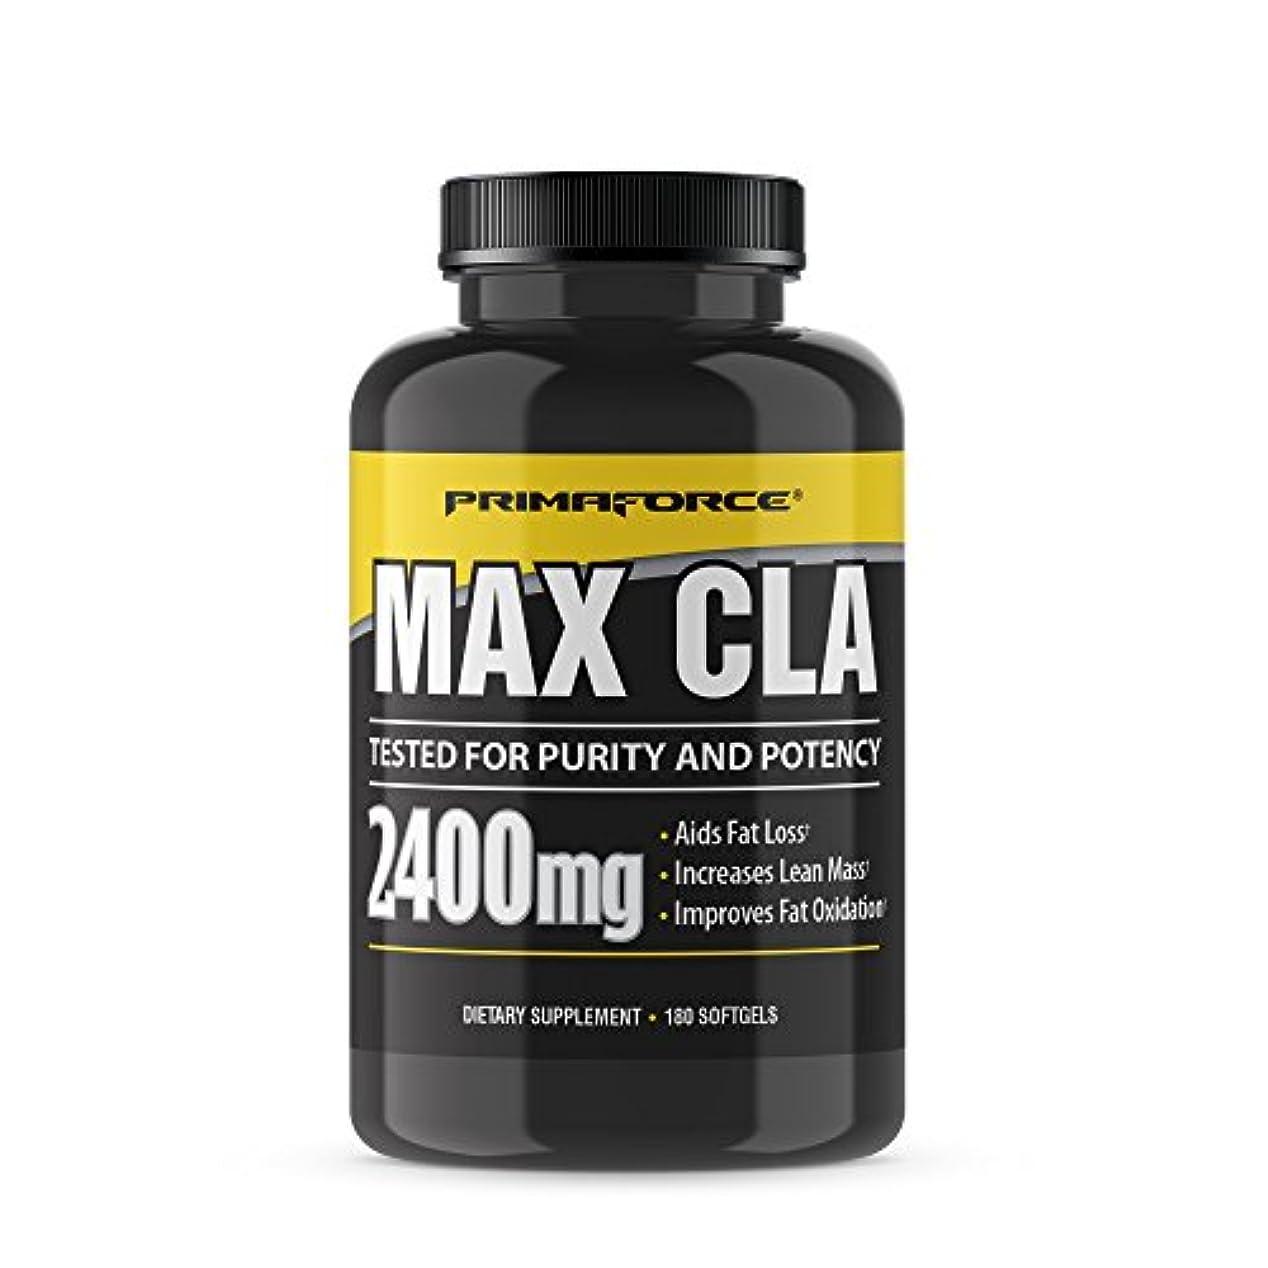 セットアップ酸化物傾向があるPrimaforce, Max CLA, 180 Softgels